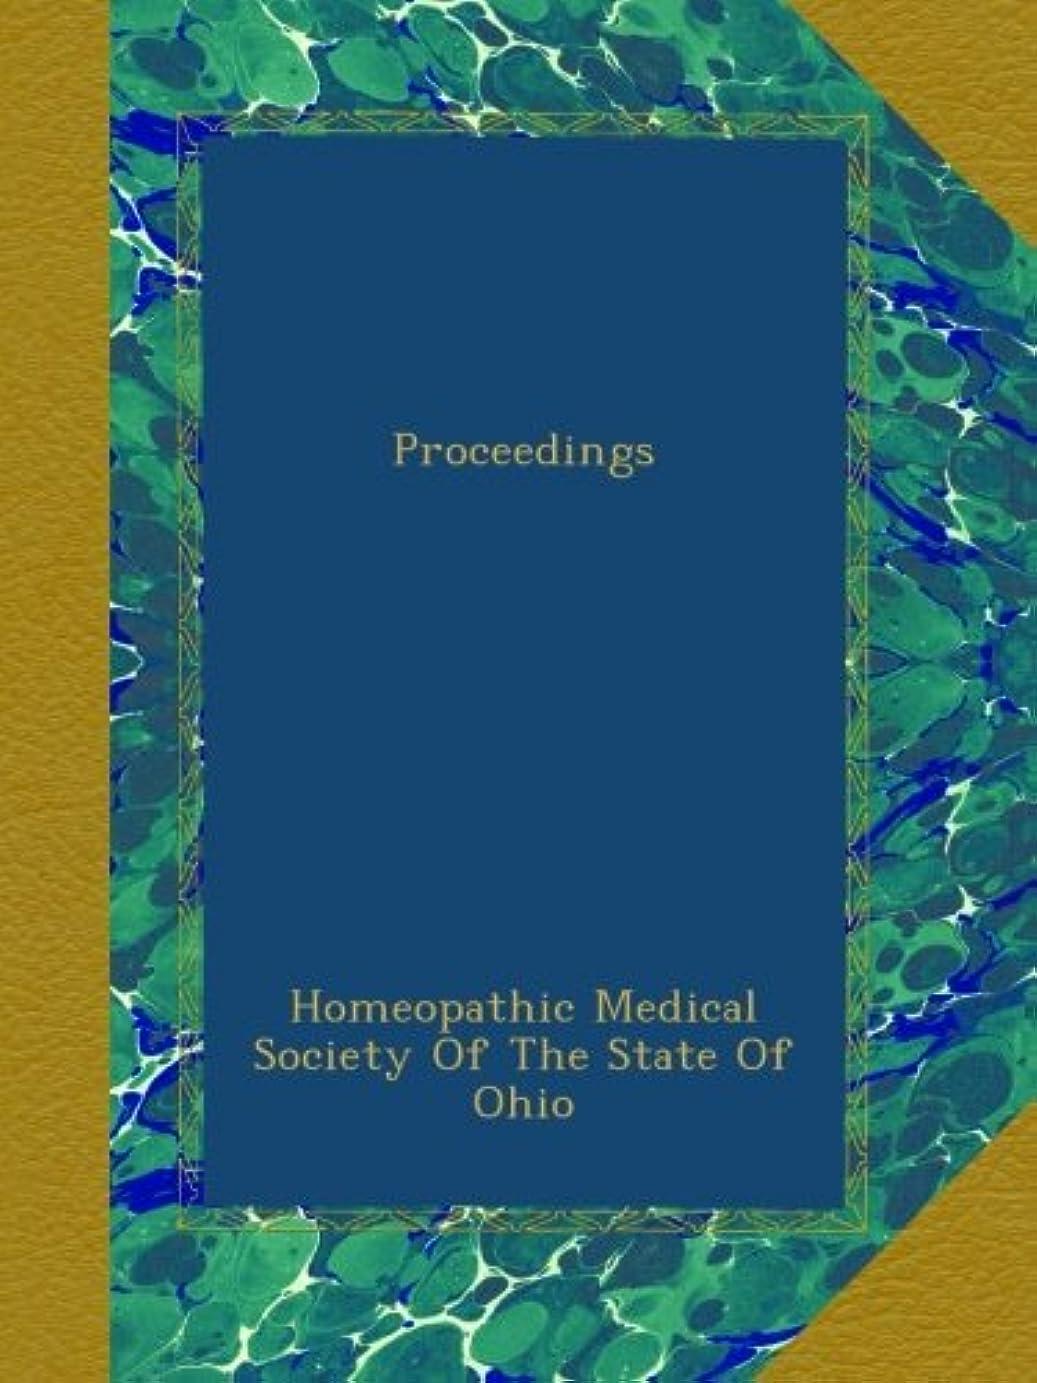 役立つリスト医薬Proceedings